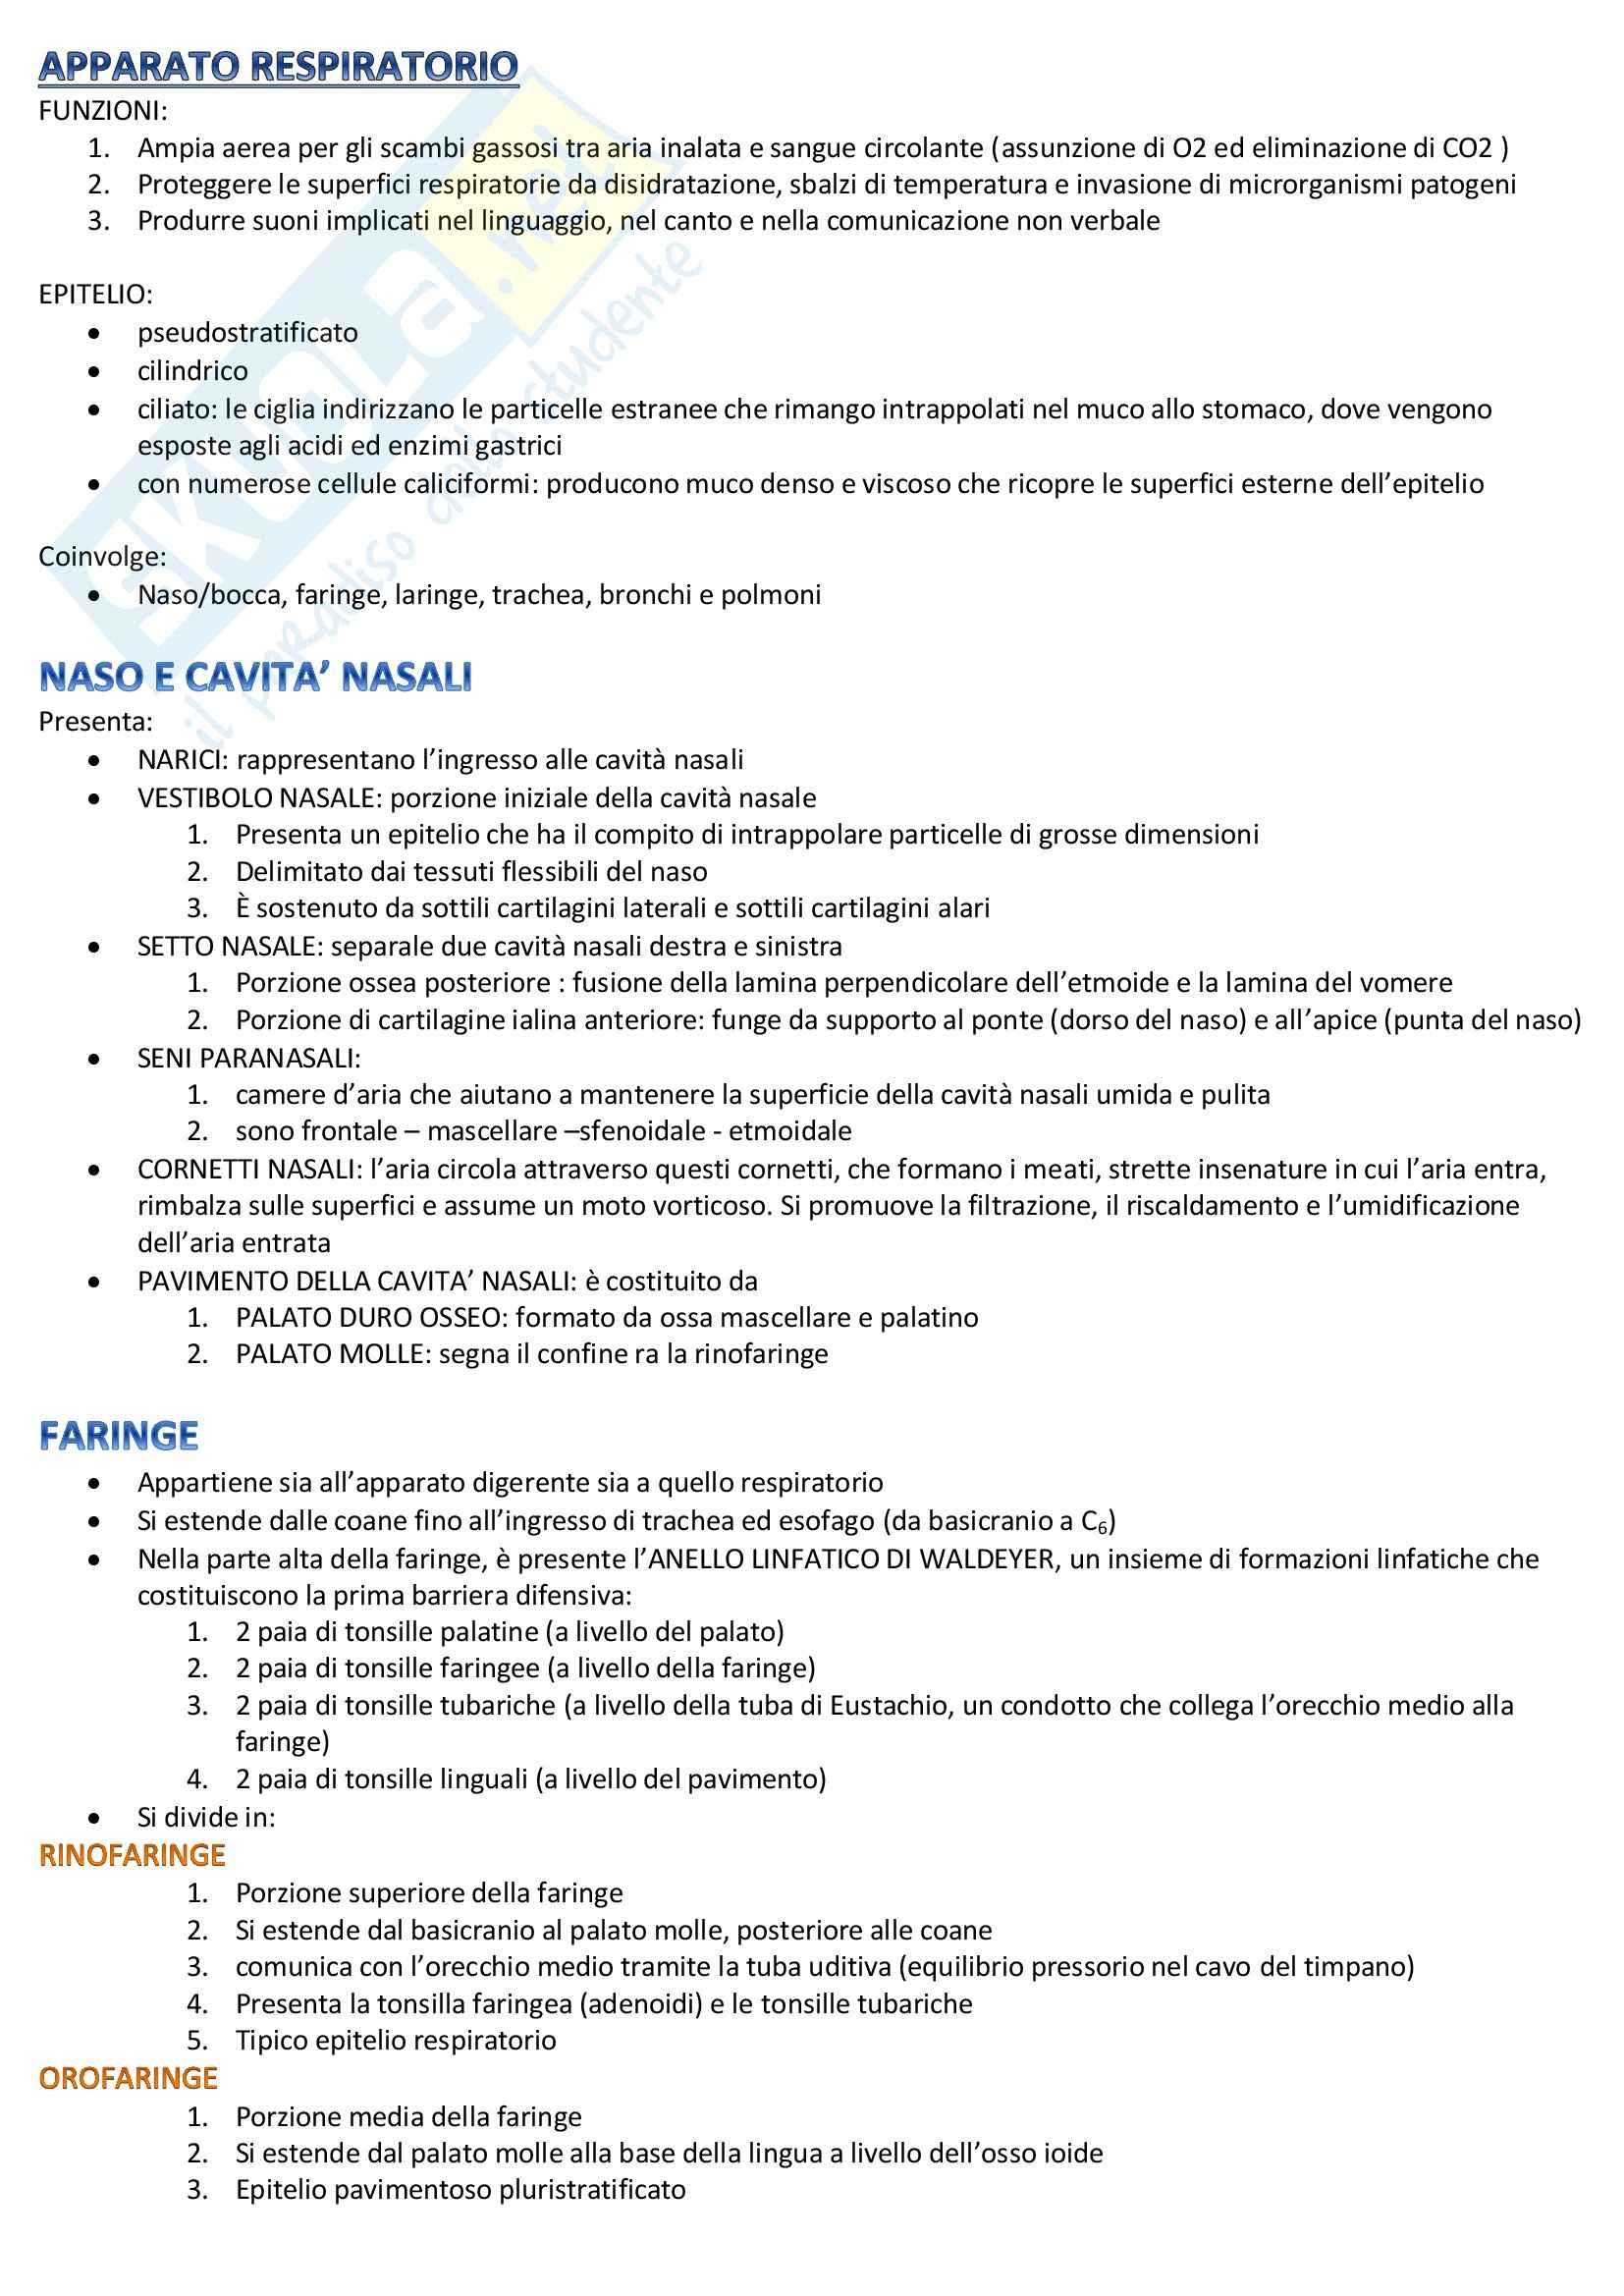 Scienze biomediche 1 - apparato respiratorio